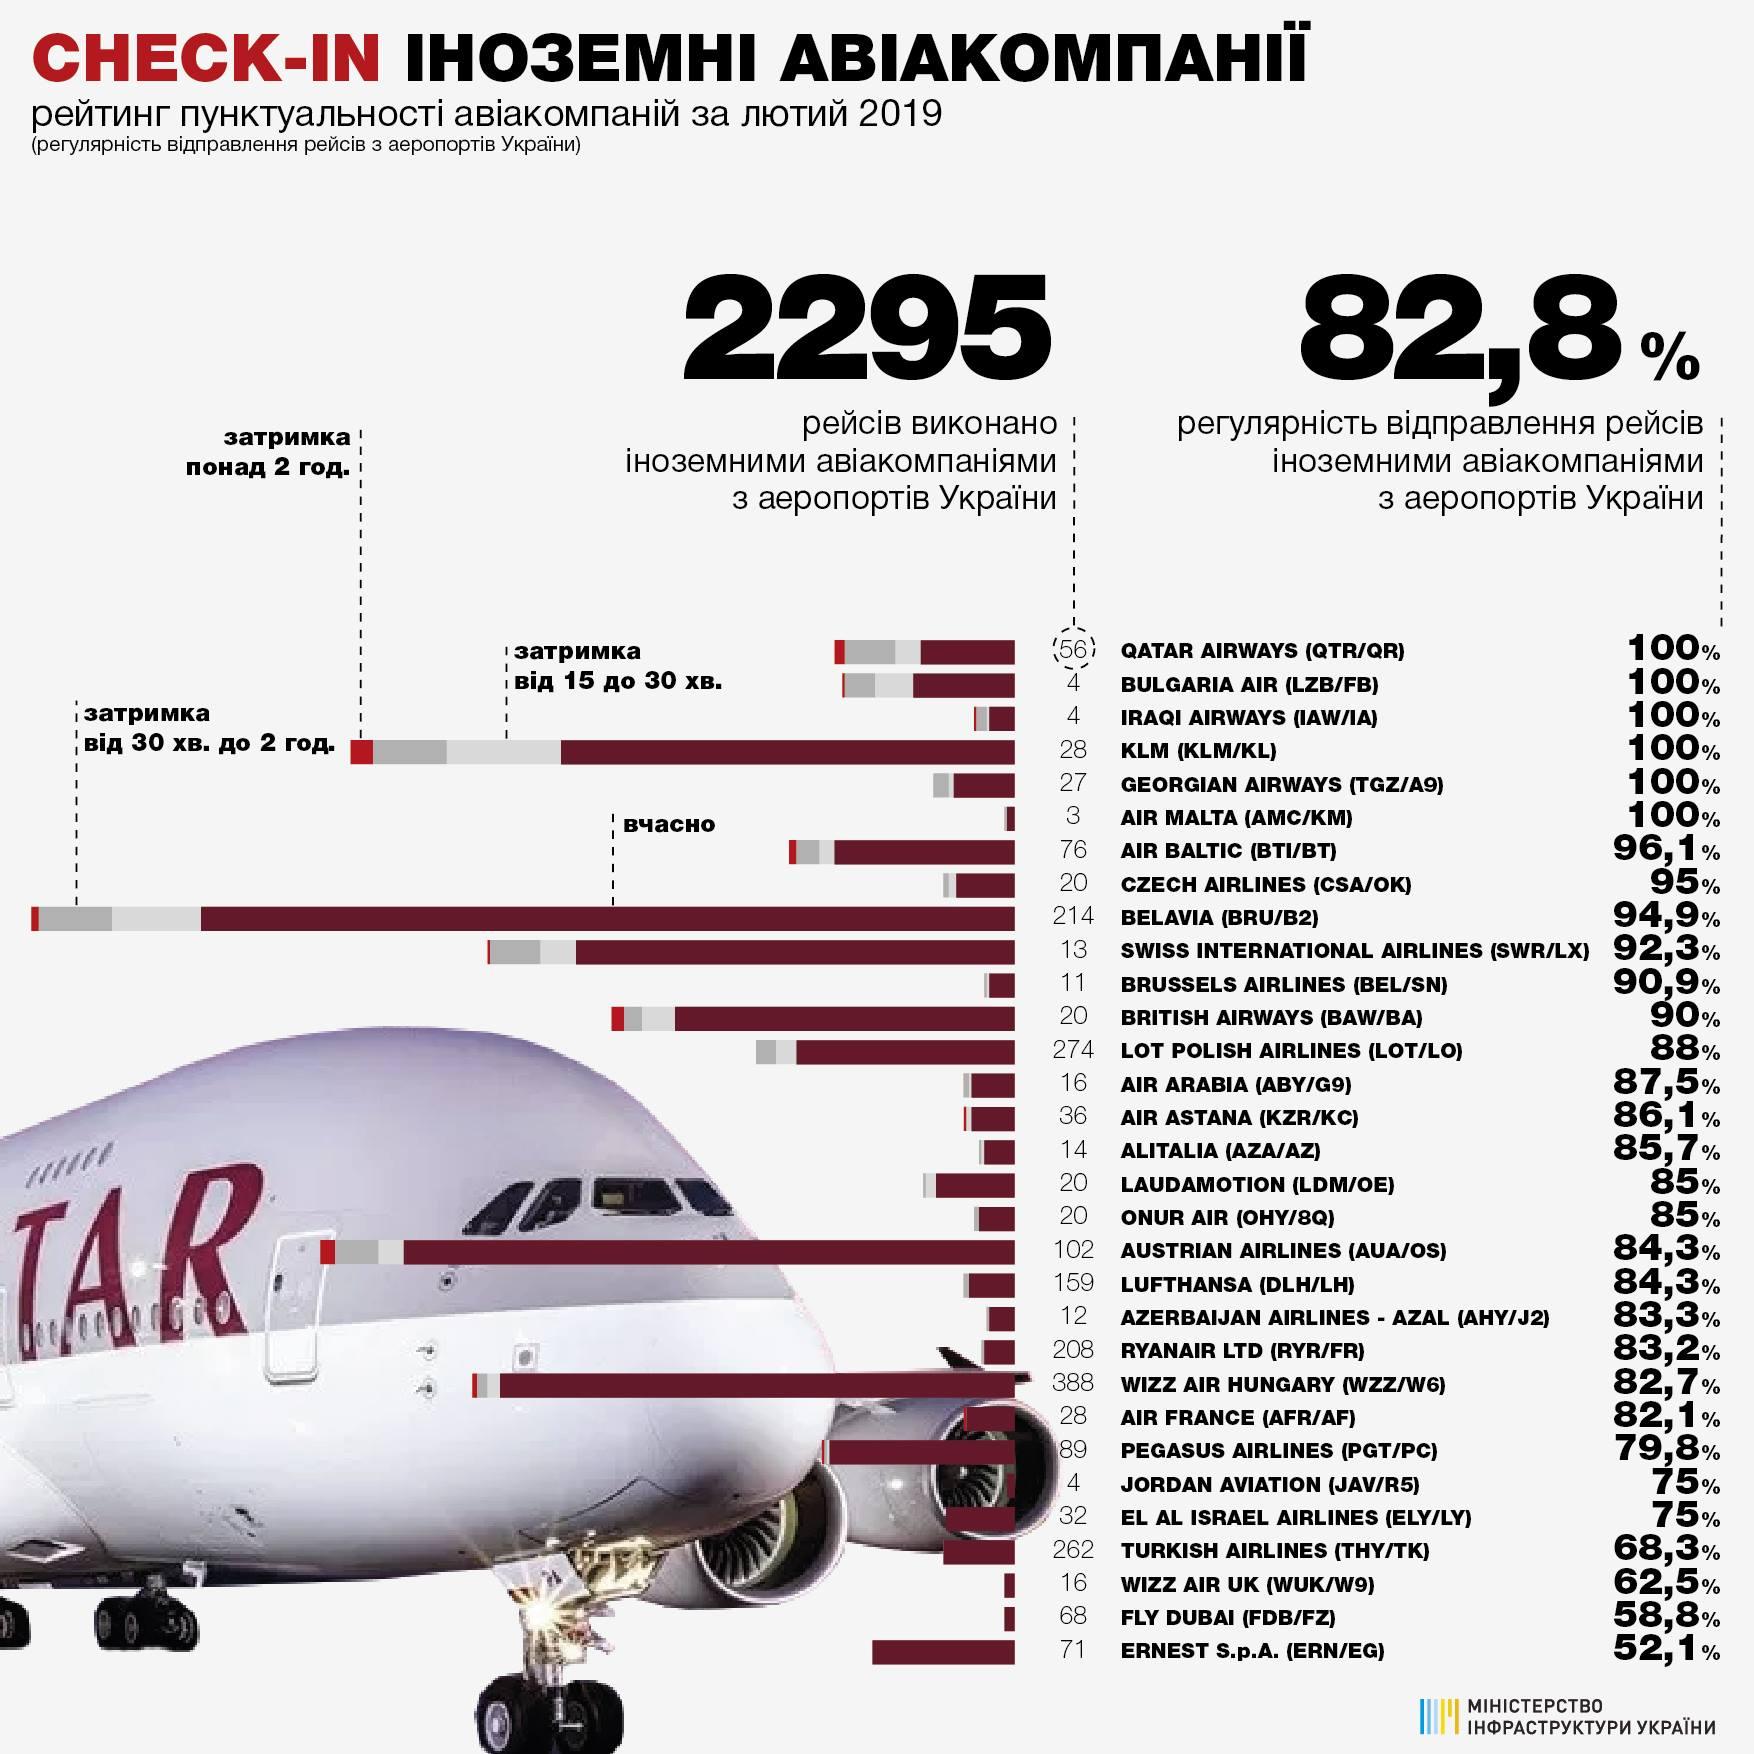 Рейтинг пунктуальности иностранных авиакомпаний в феврале 2019 года: